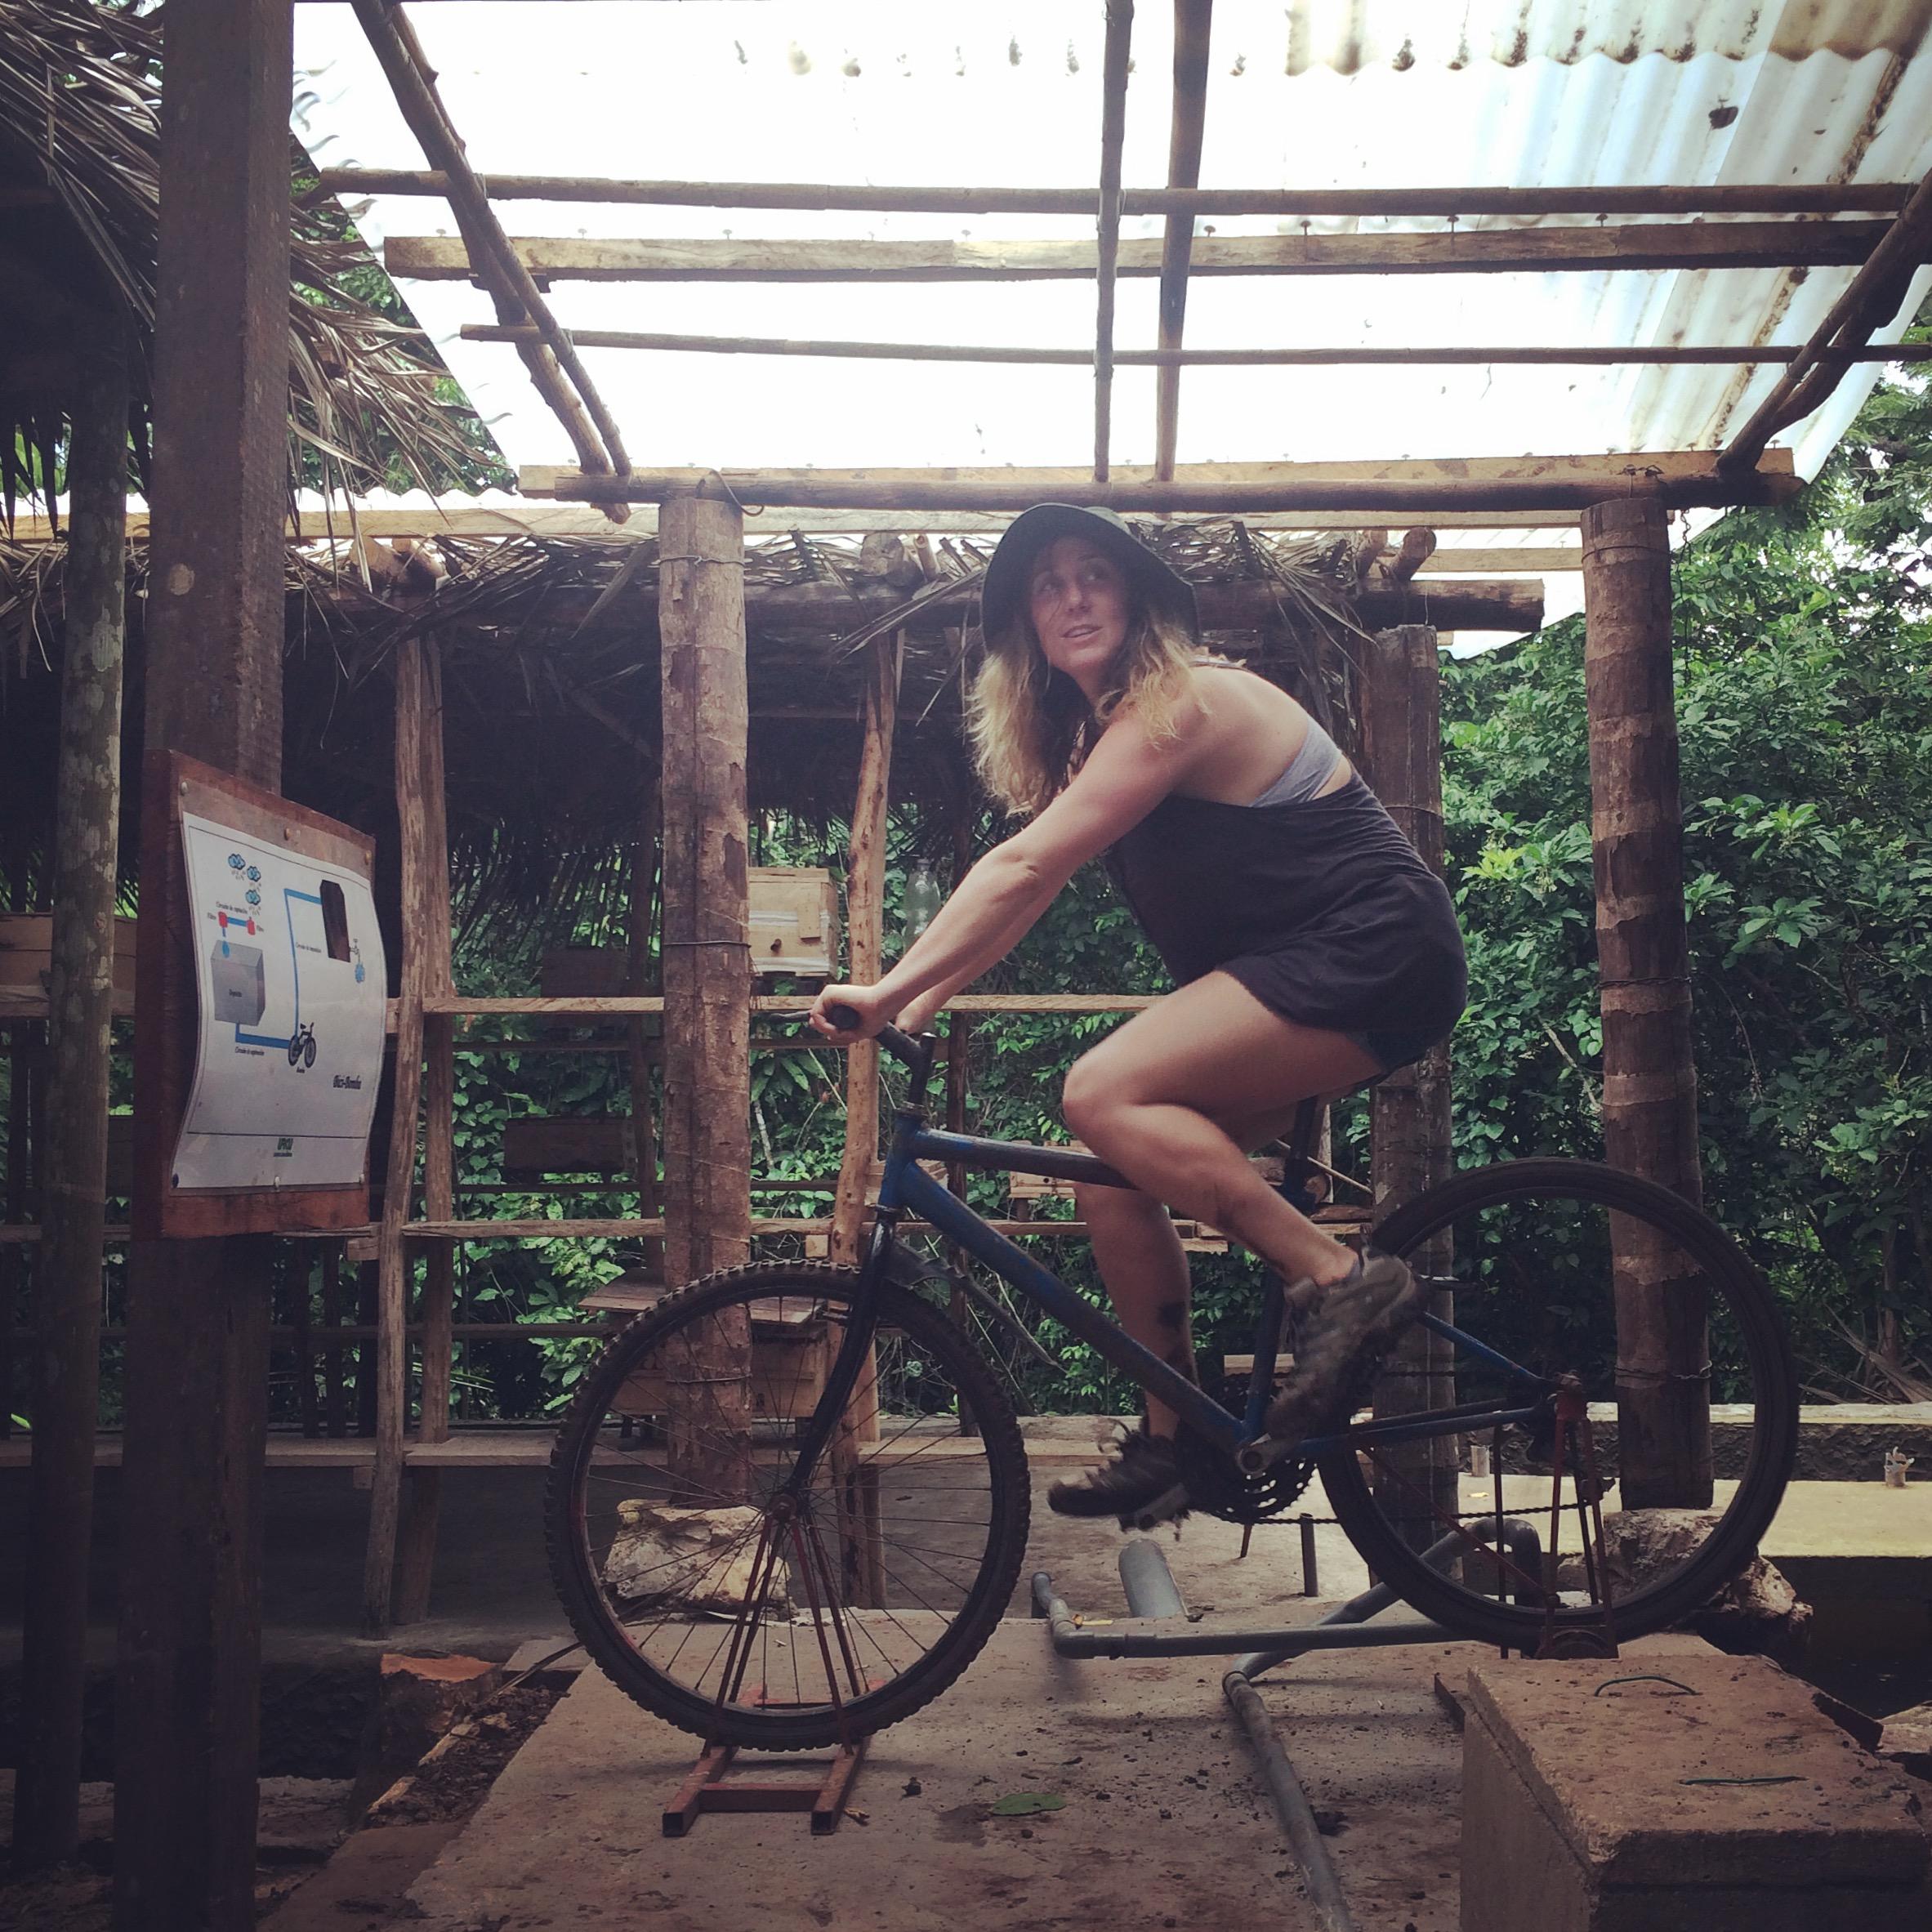 SusannahMira_3600.JPG